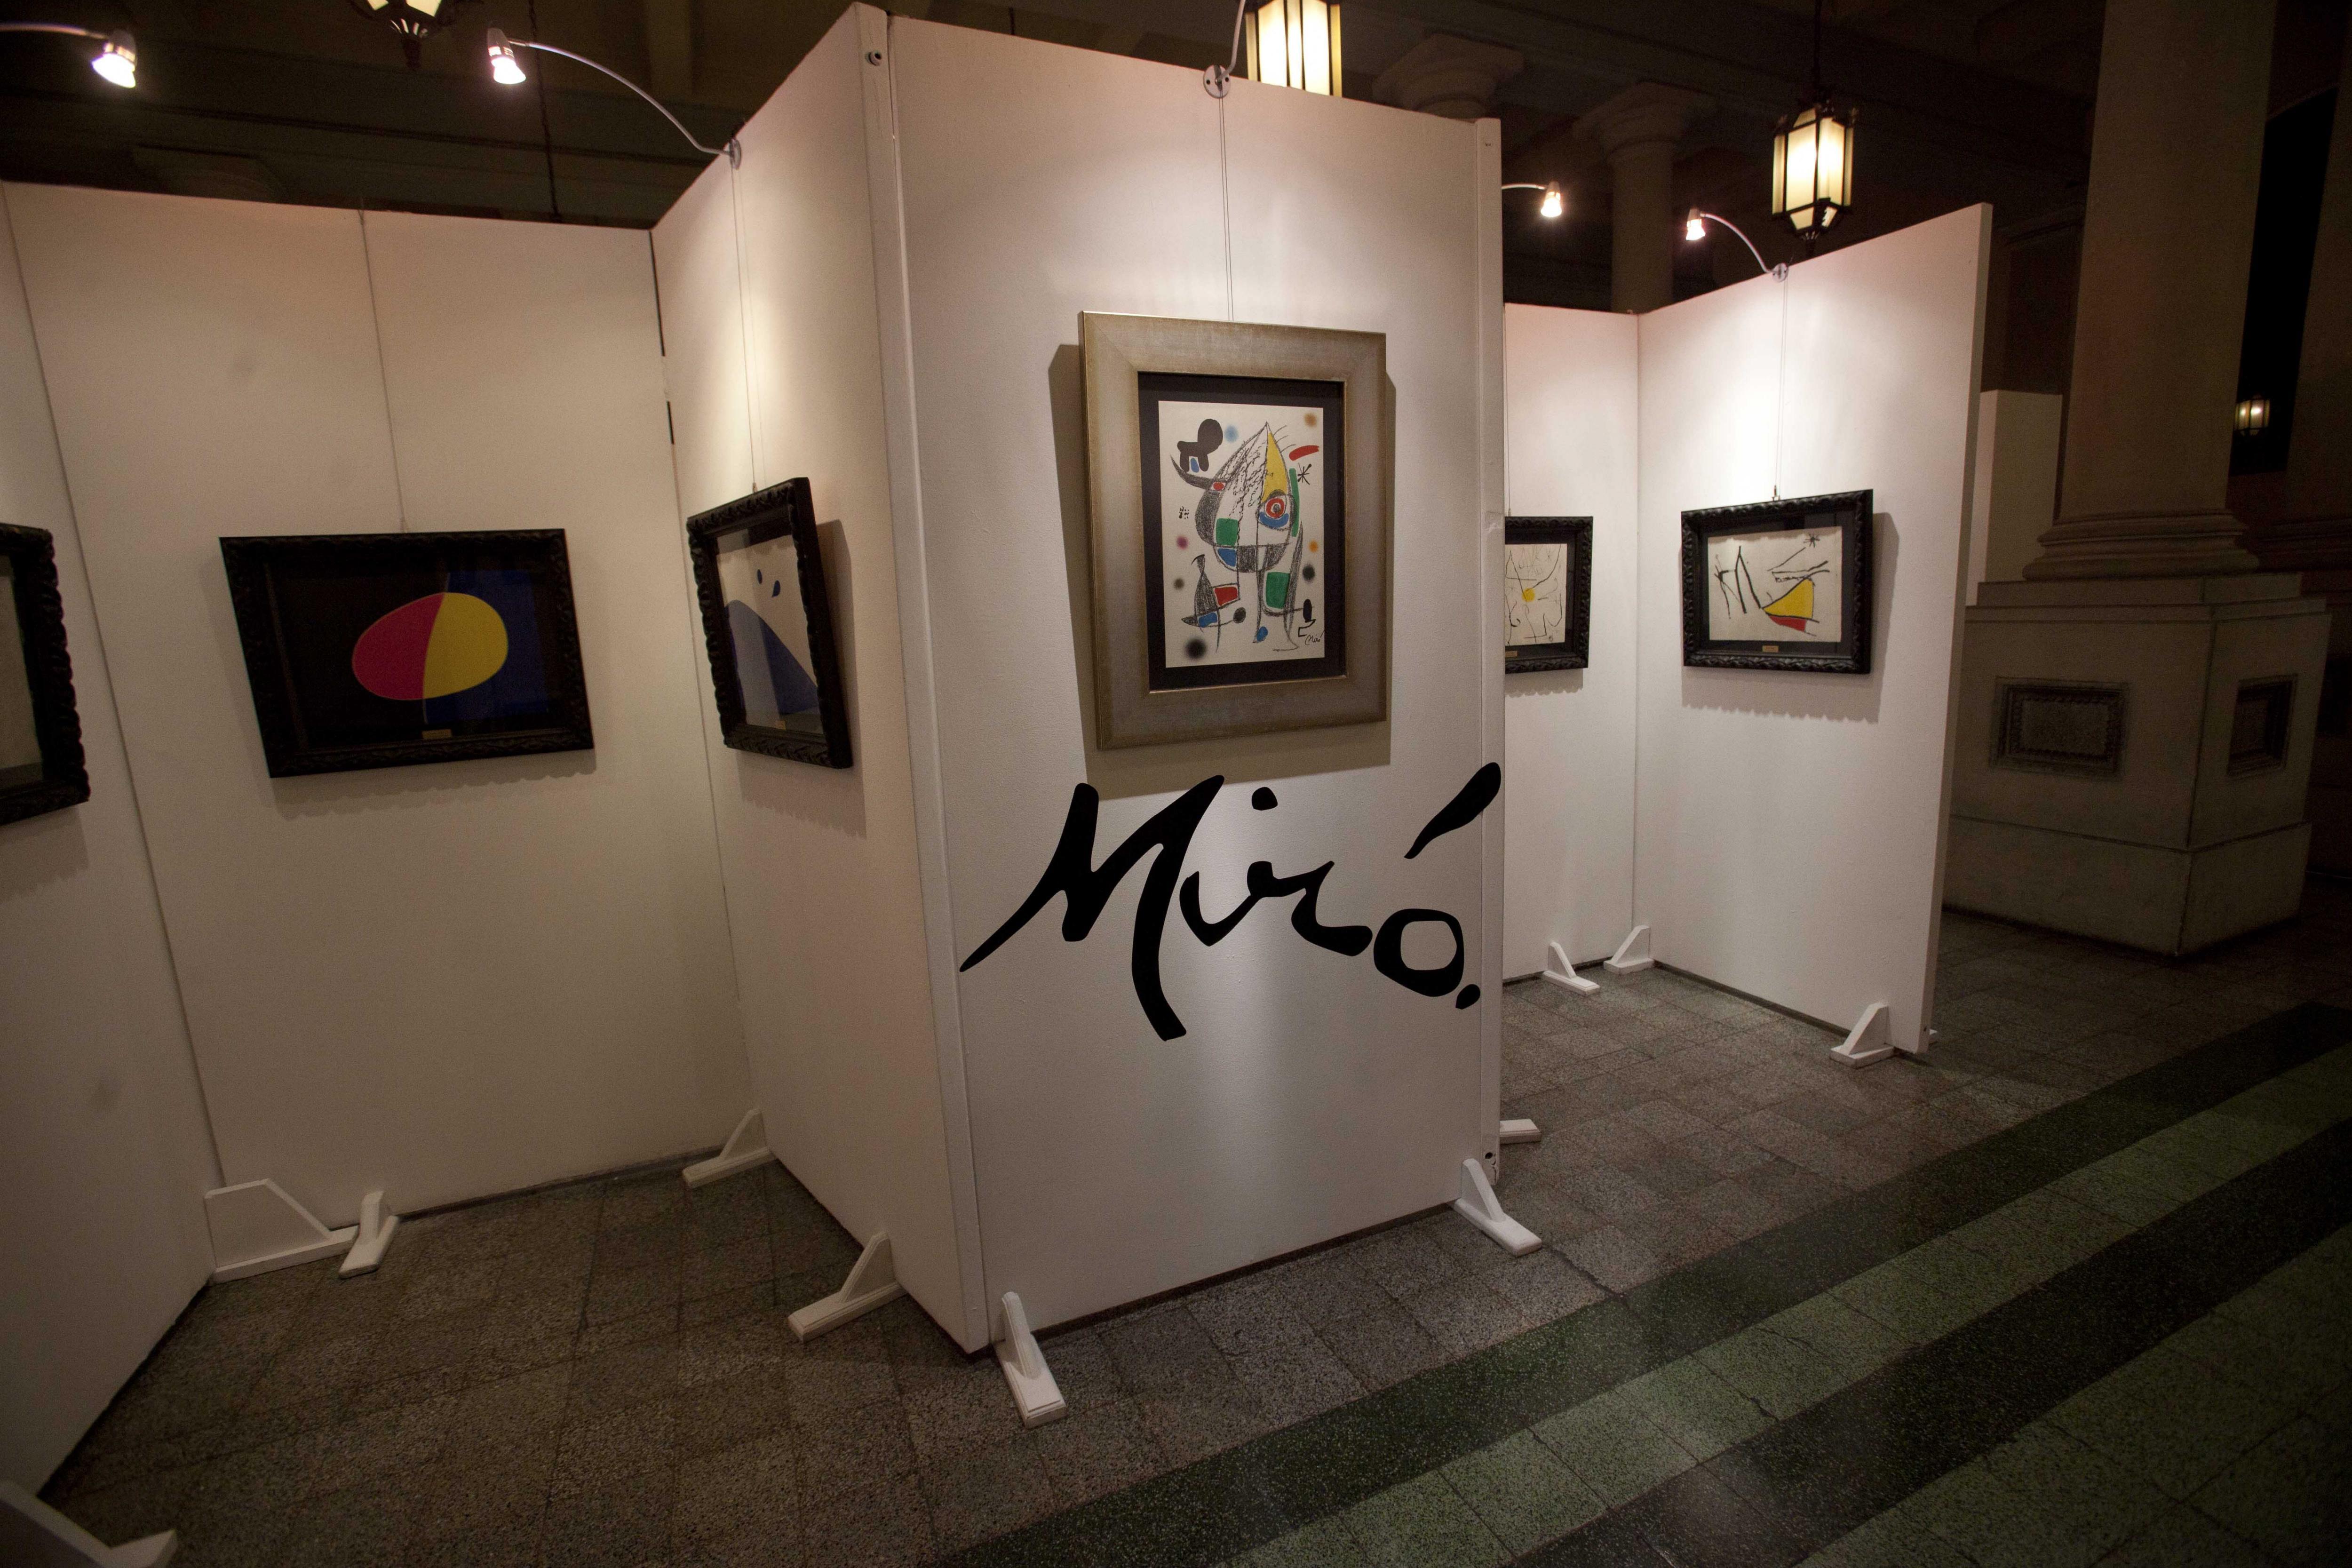 La embajada de España inaugura en Guatemala una exposición de Joan Miró